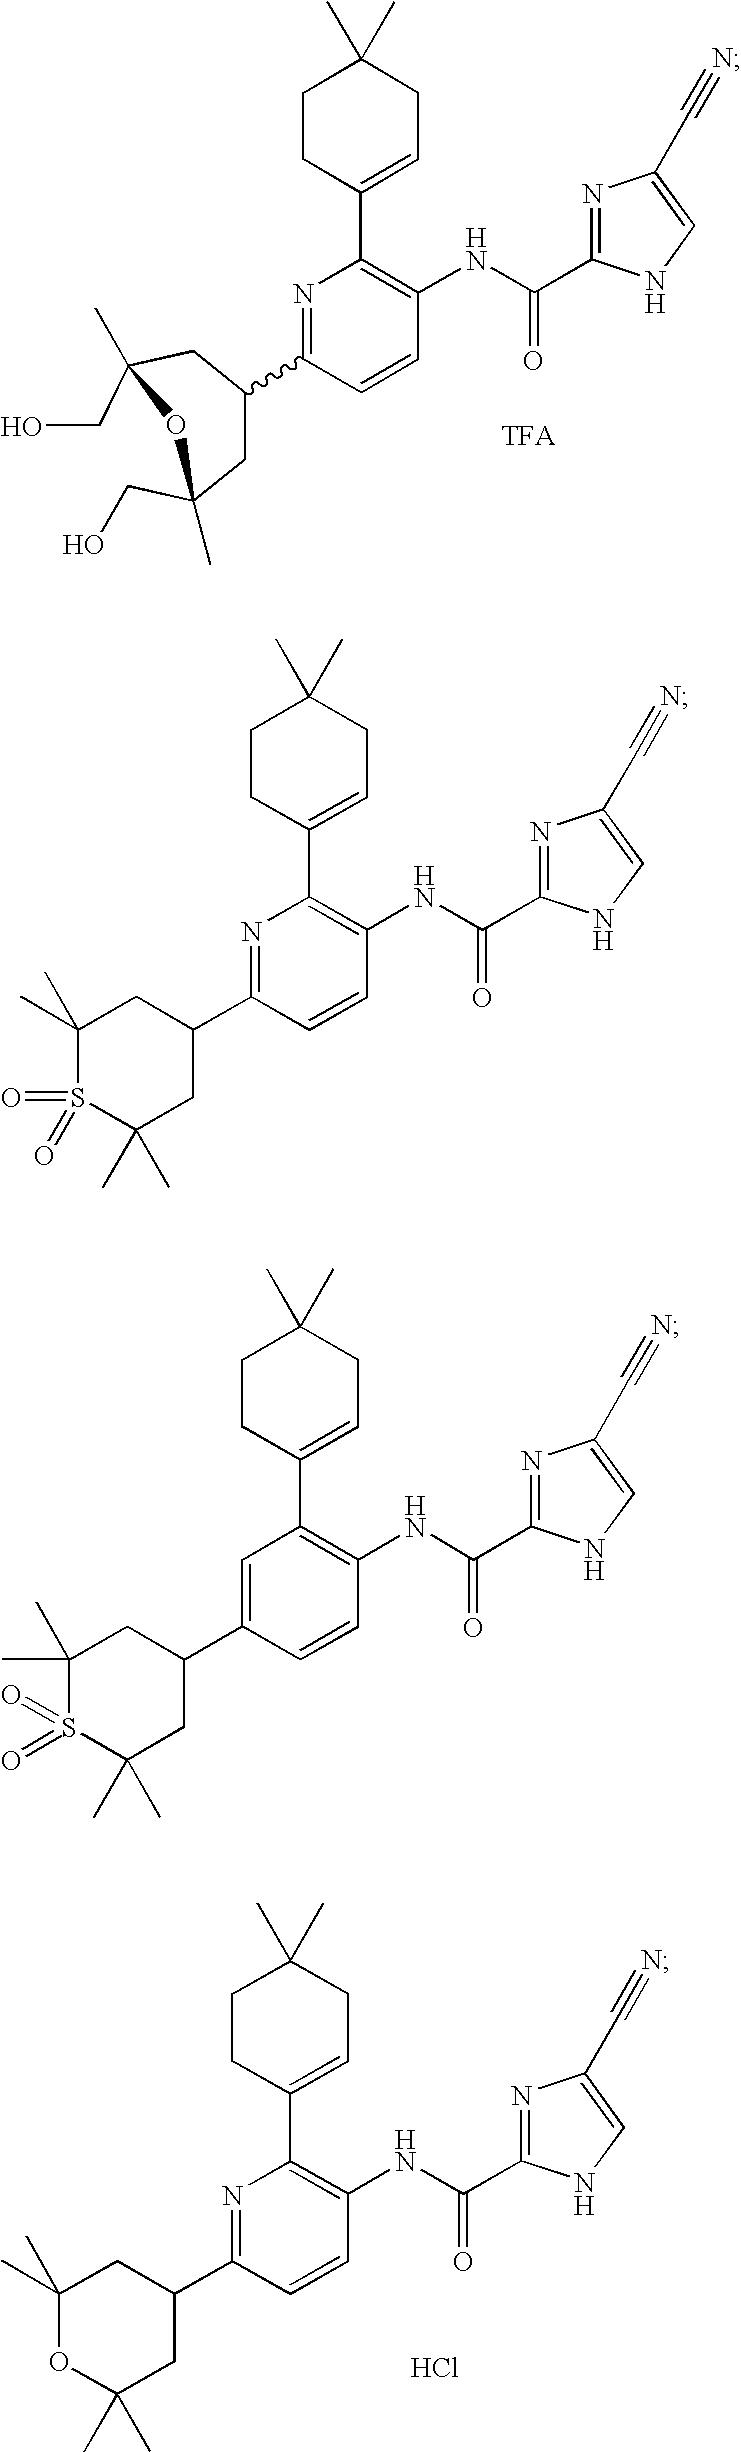 Figure US08497376-20130730-C00041